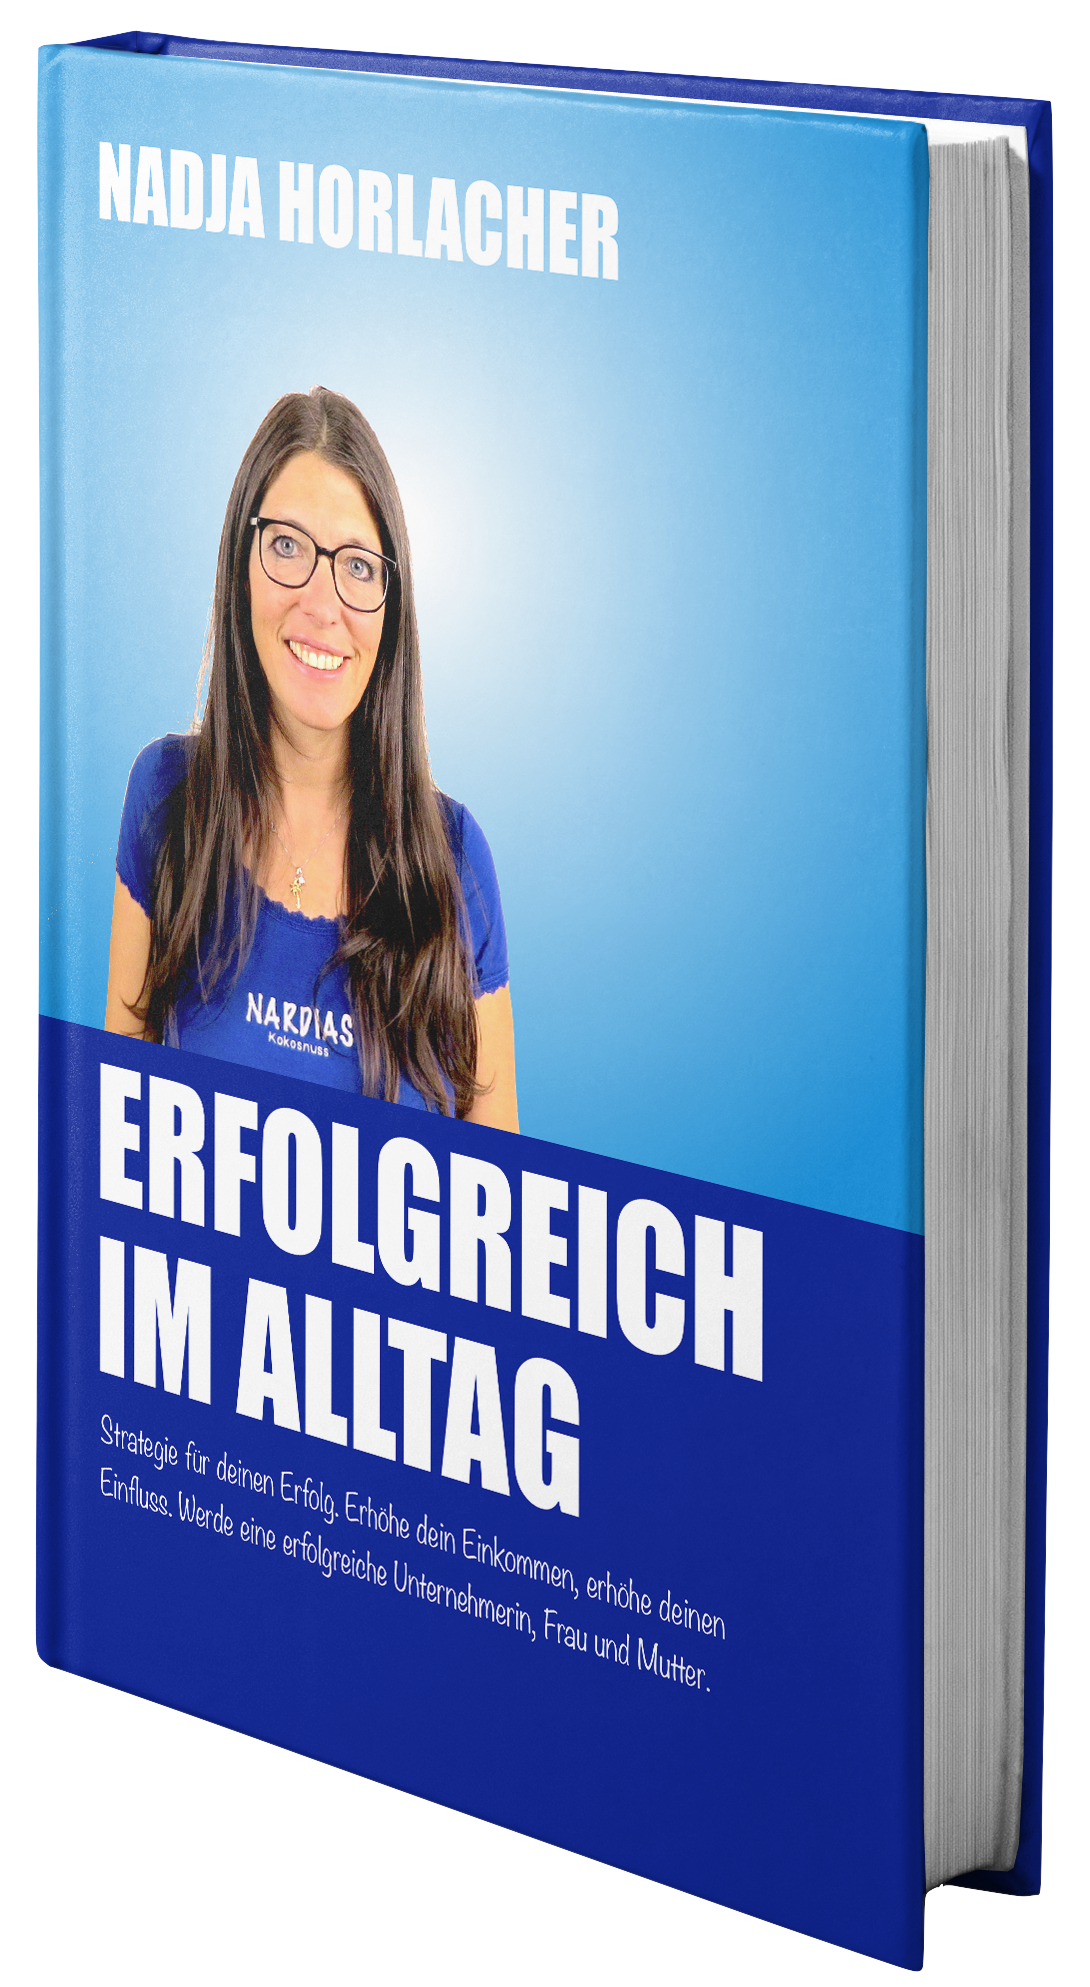 erfolgreich_im_alltag_nadjahorlacher_1buch